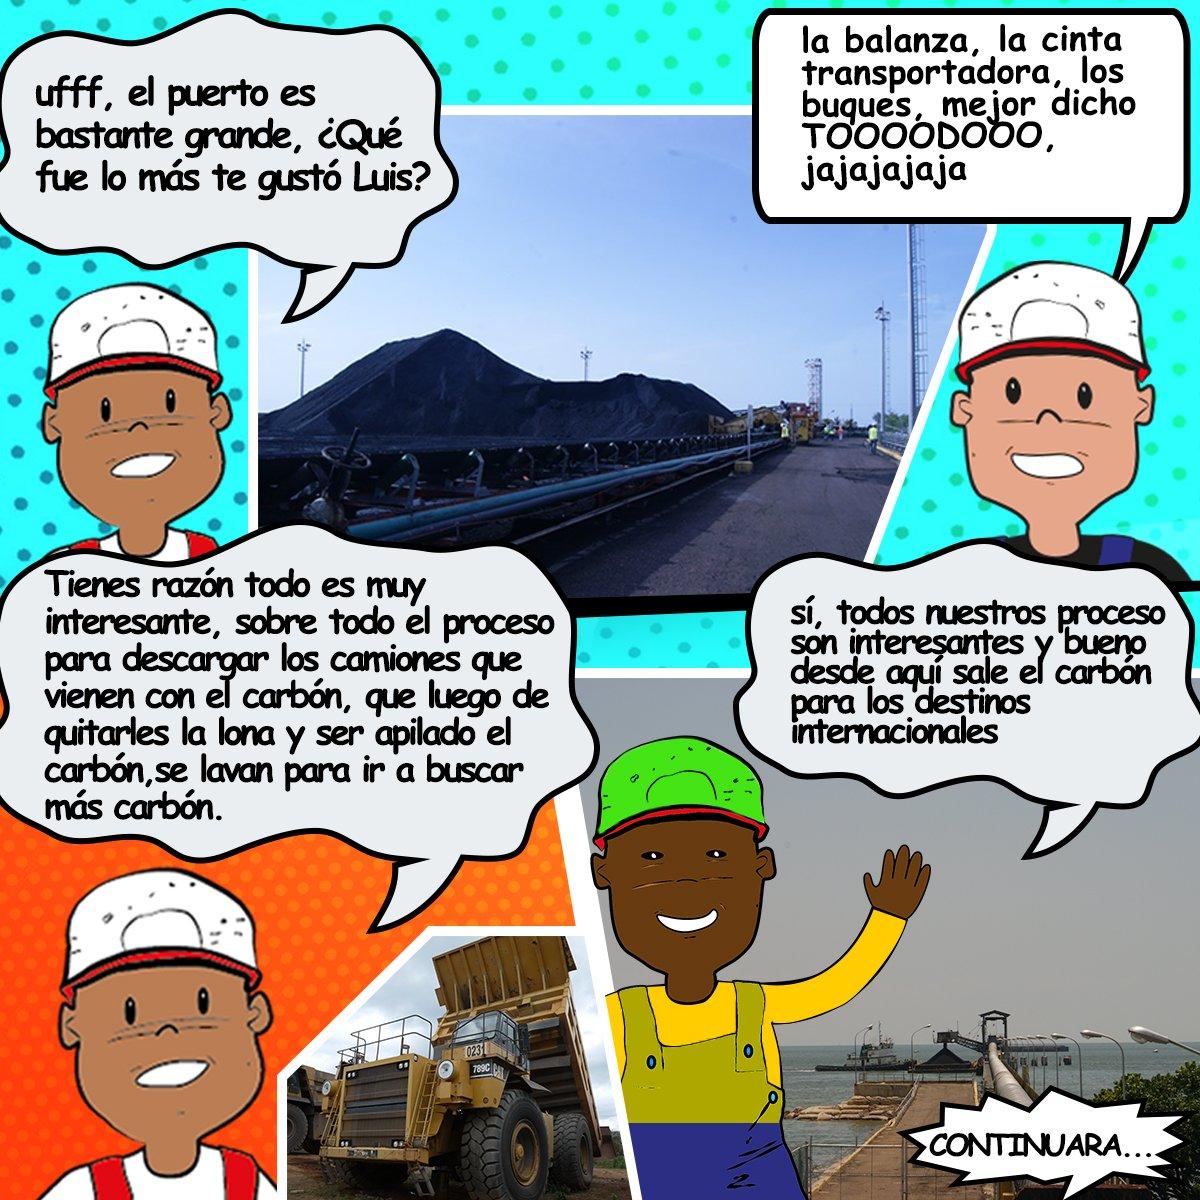 Sigue haciendo el recorrido por nuestras instalaciones con #CARBONITO tu amigo minerito #SomosCARBOZULIApic.twitter.com/cULgGdLOIa